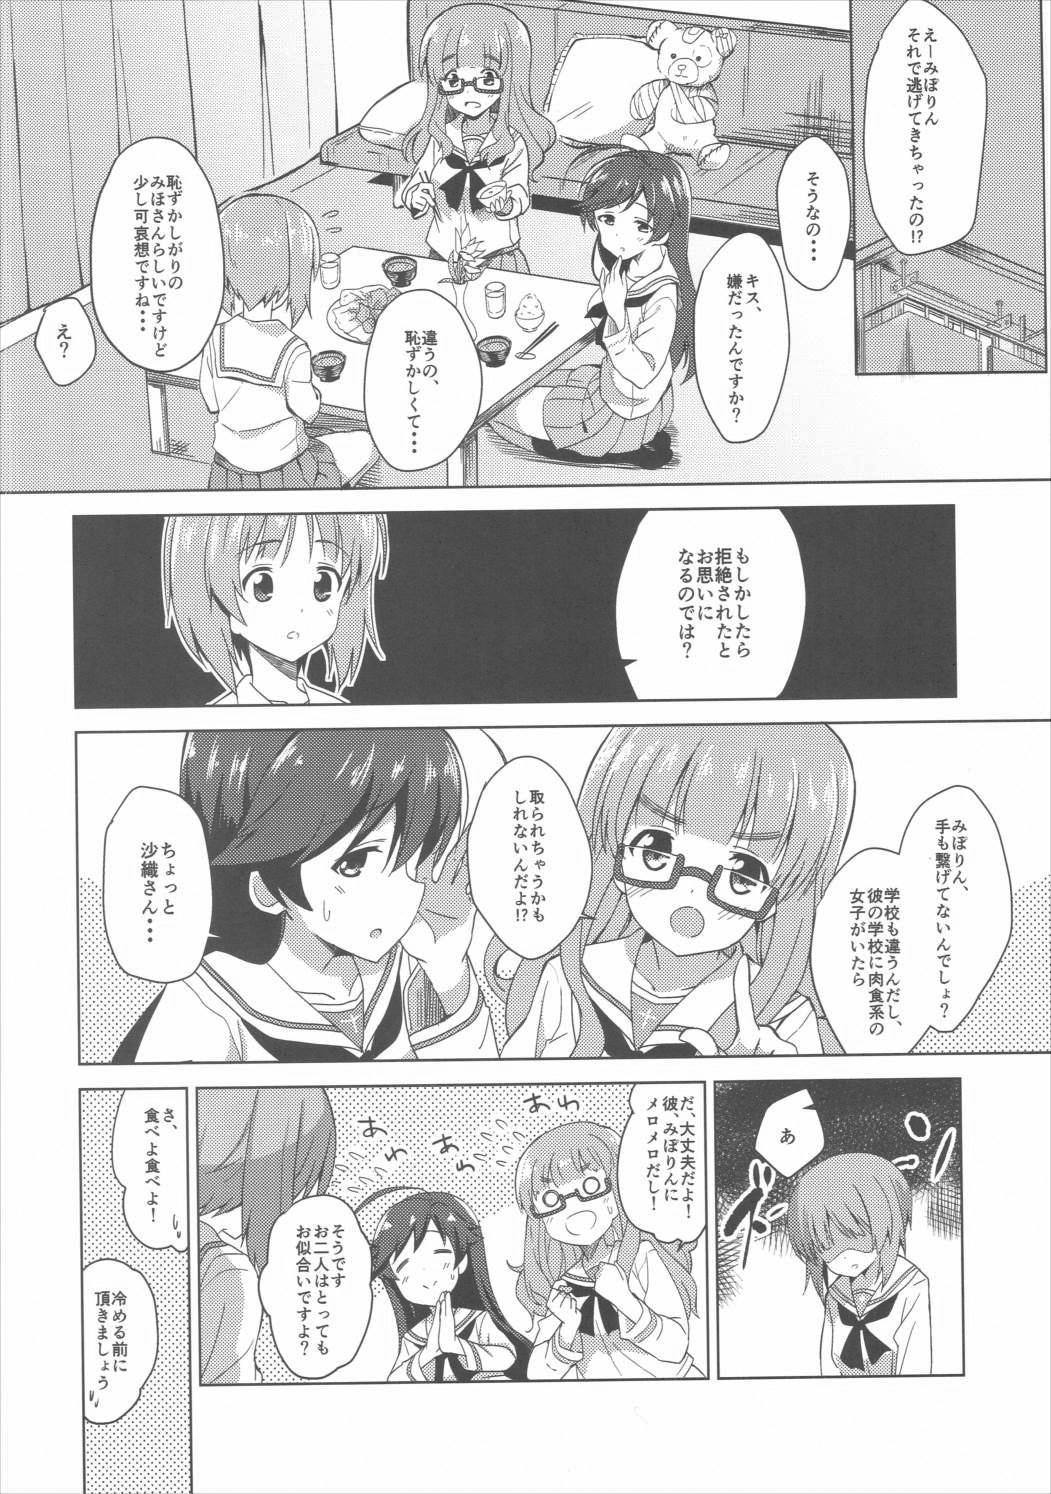 Watashi, Motto Ganbarimasu! - I will do my best more! 4